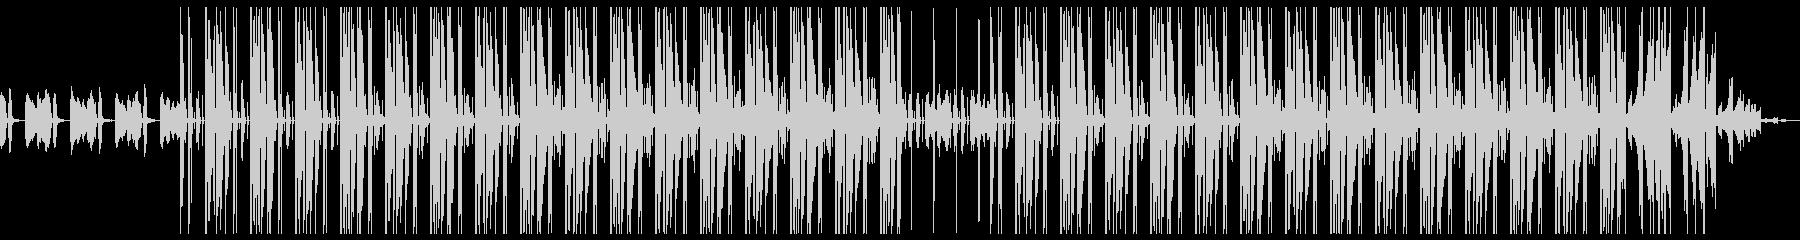 レトロ 切ない ヒップホップ ビートの未再生の波形